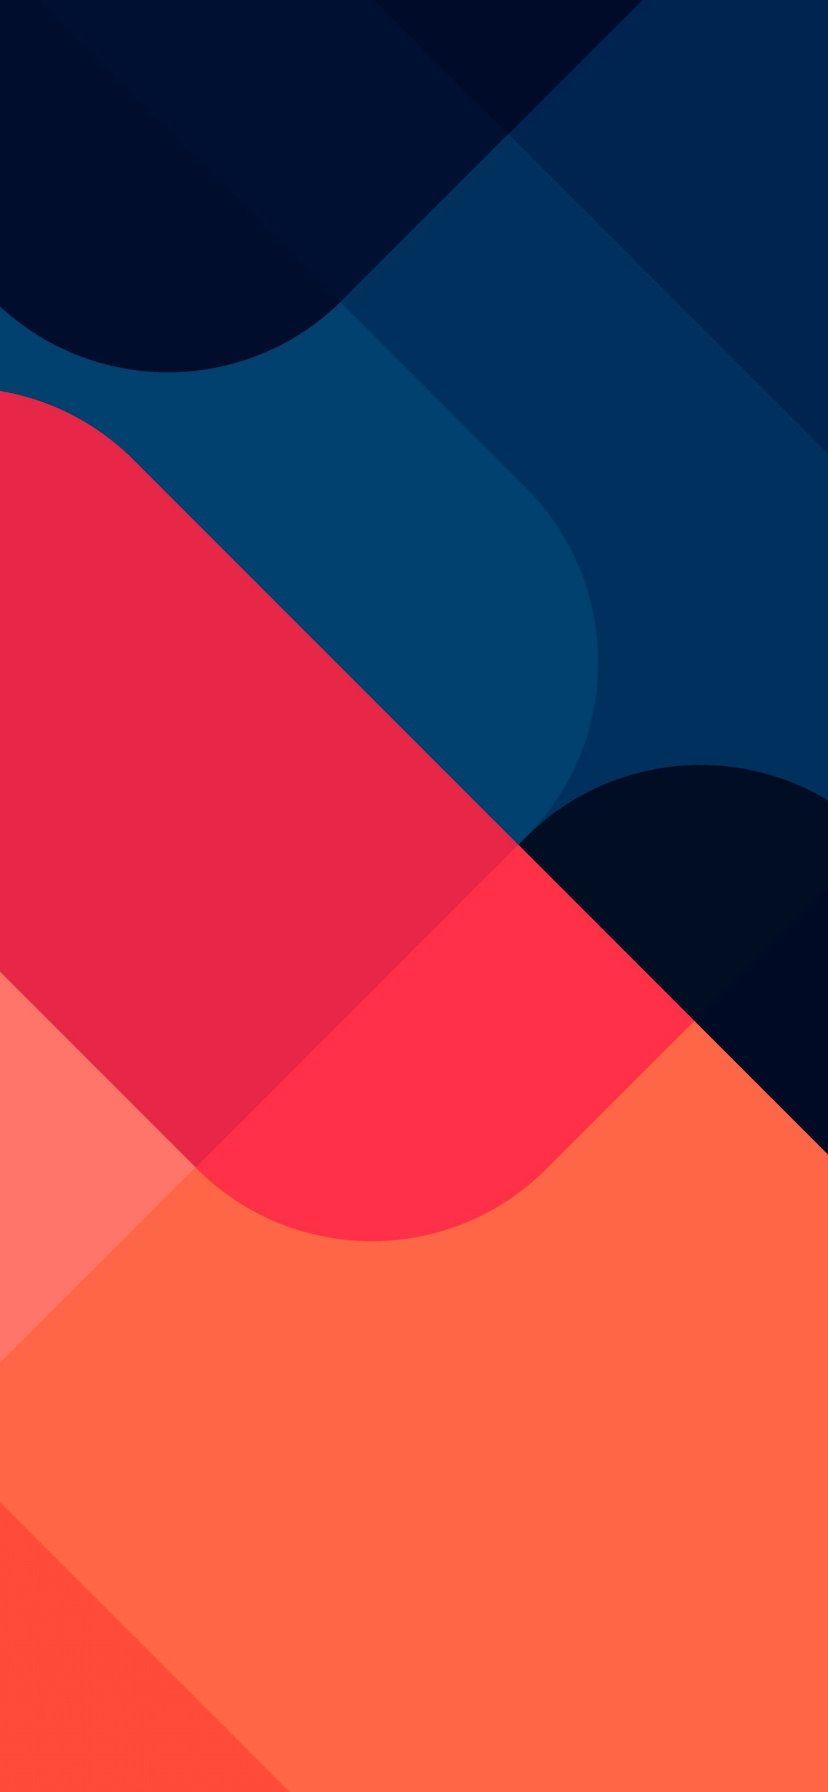 Wallpapers Apple Iphone Xr Pack 18 En 2020 Fond D Ecran Android Fond D Ecran Telephone Meilleurs Fonds D Ecran Iphone